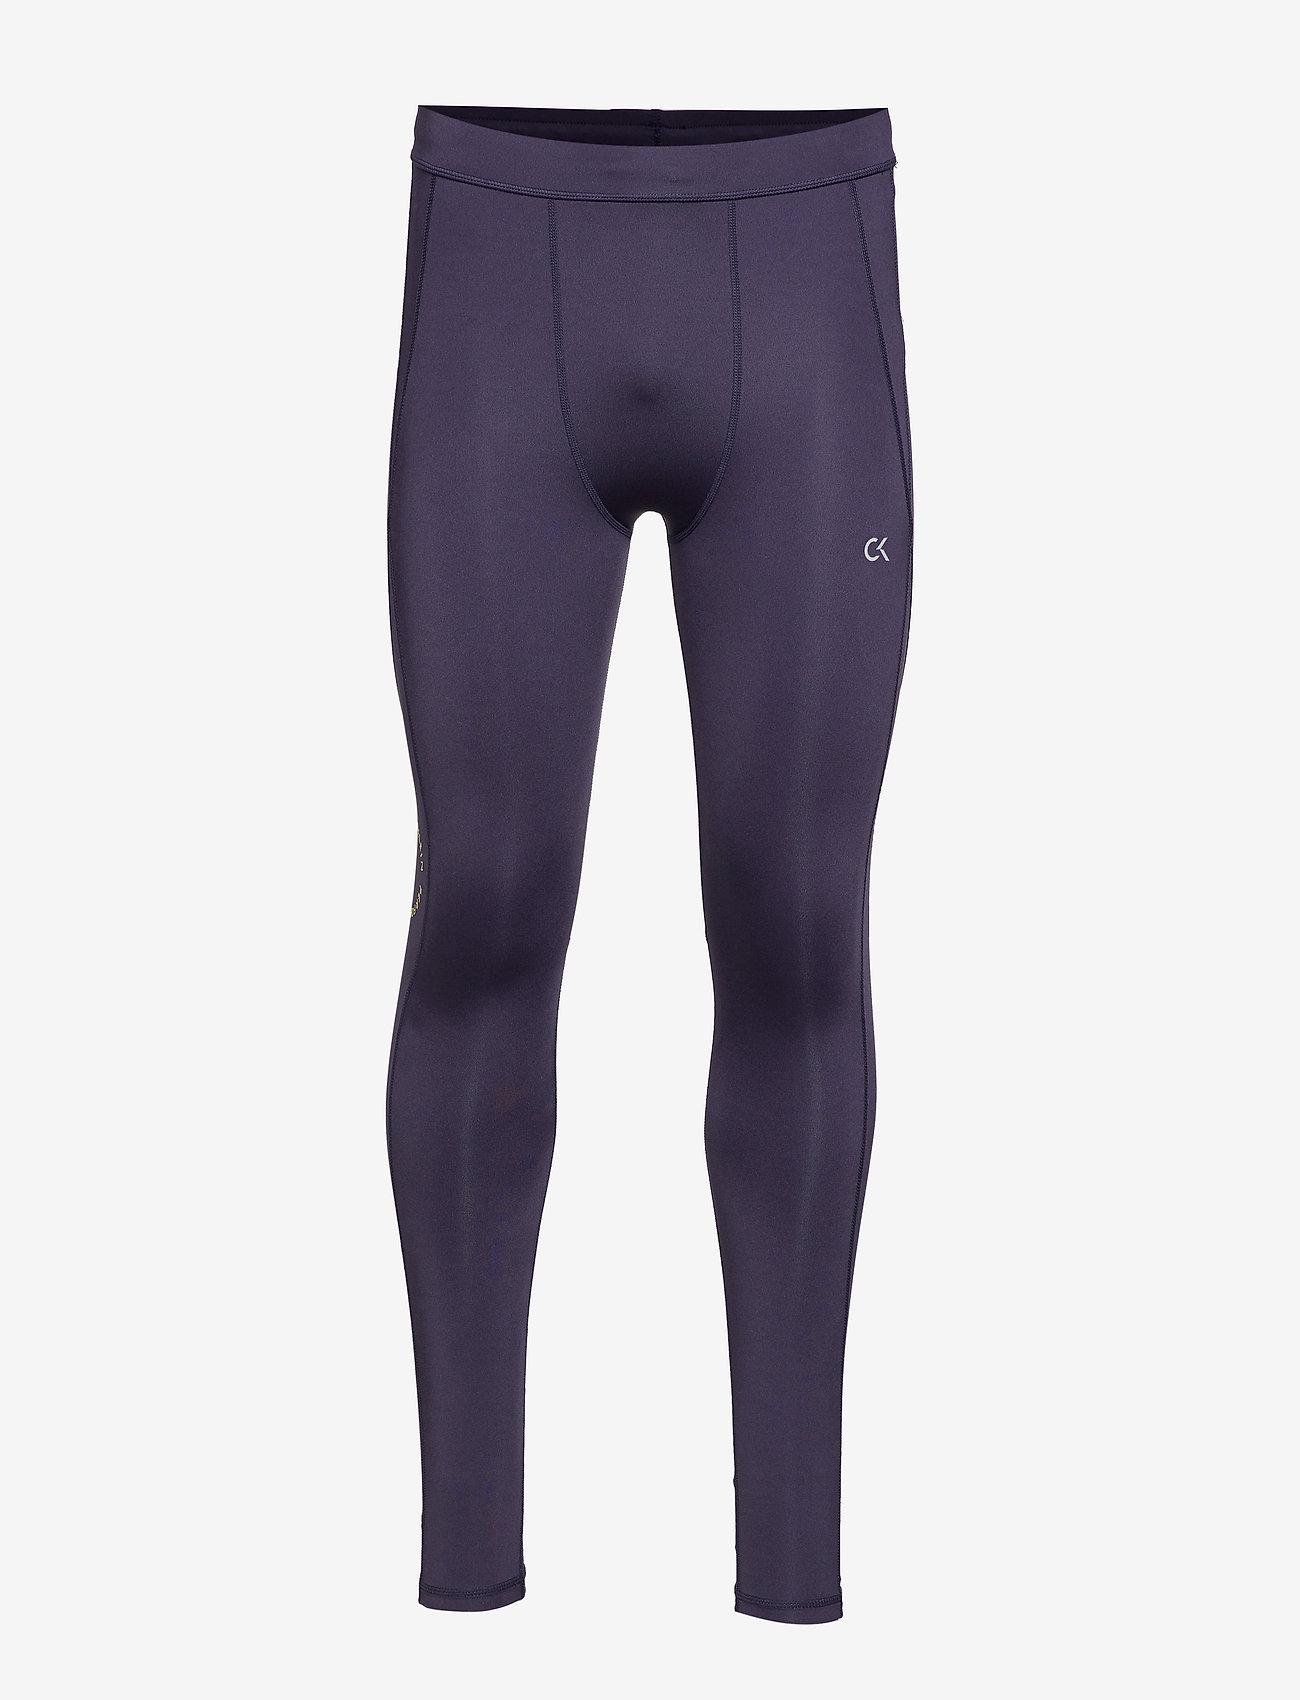 Calvin Klein Performance - FULL LENGTH TIGHT - running & training tights - night sky/sulphur spring - 0